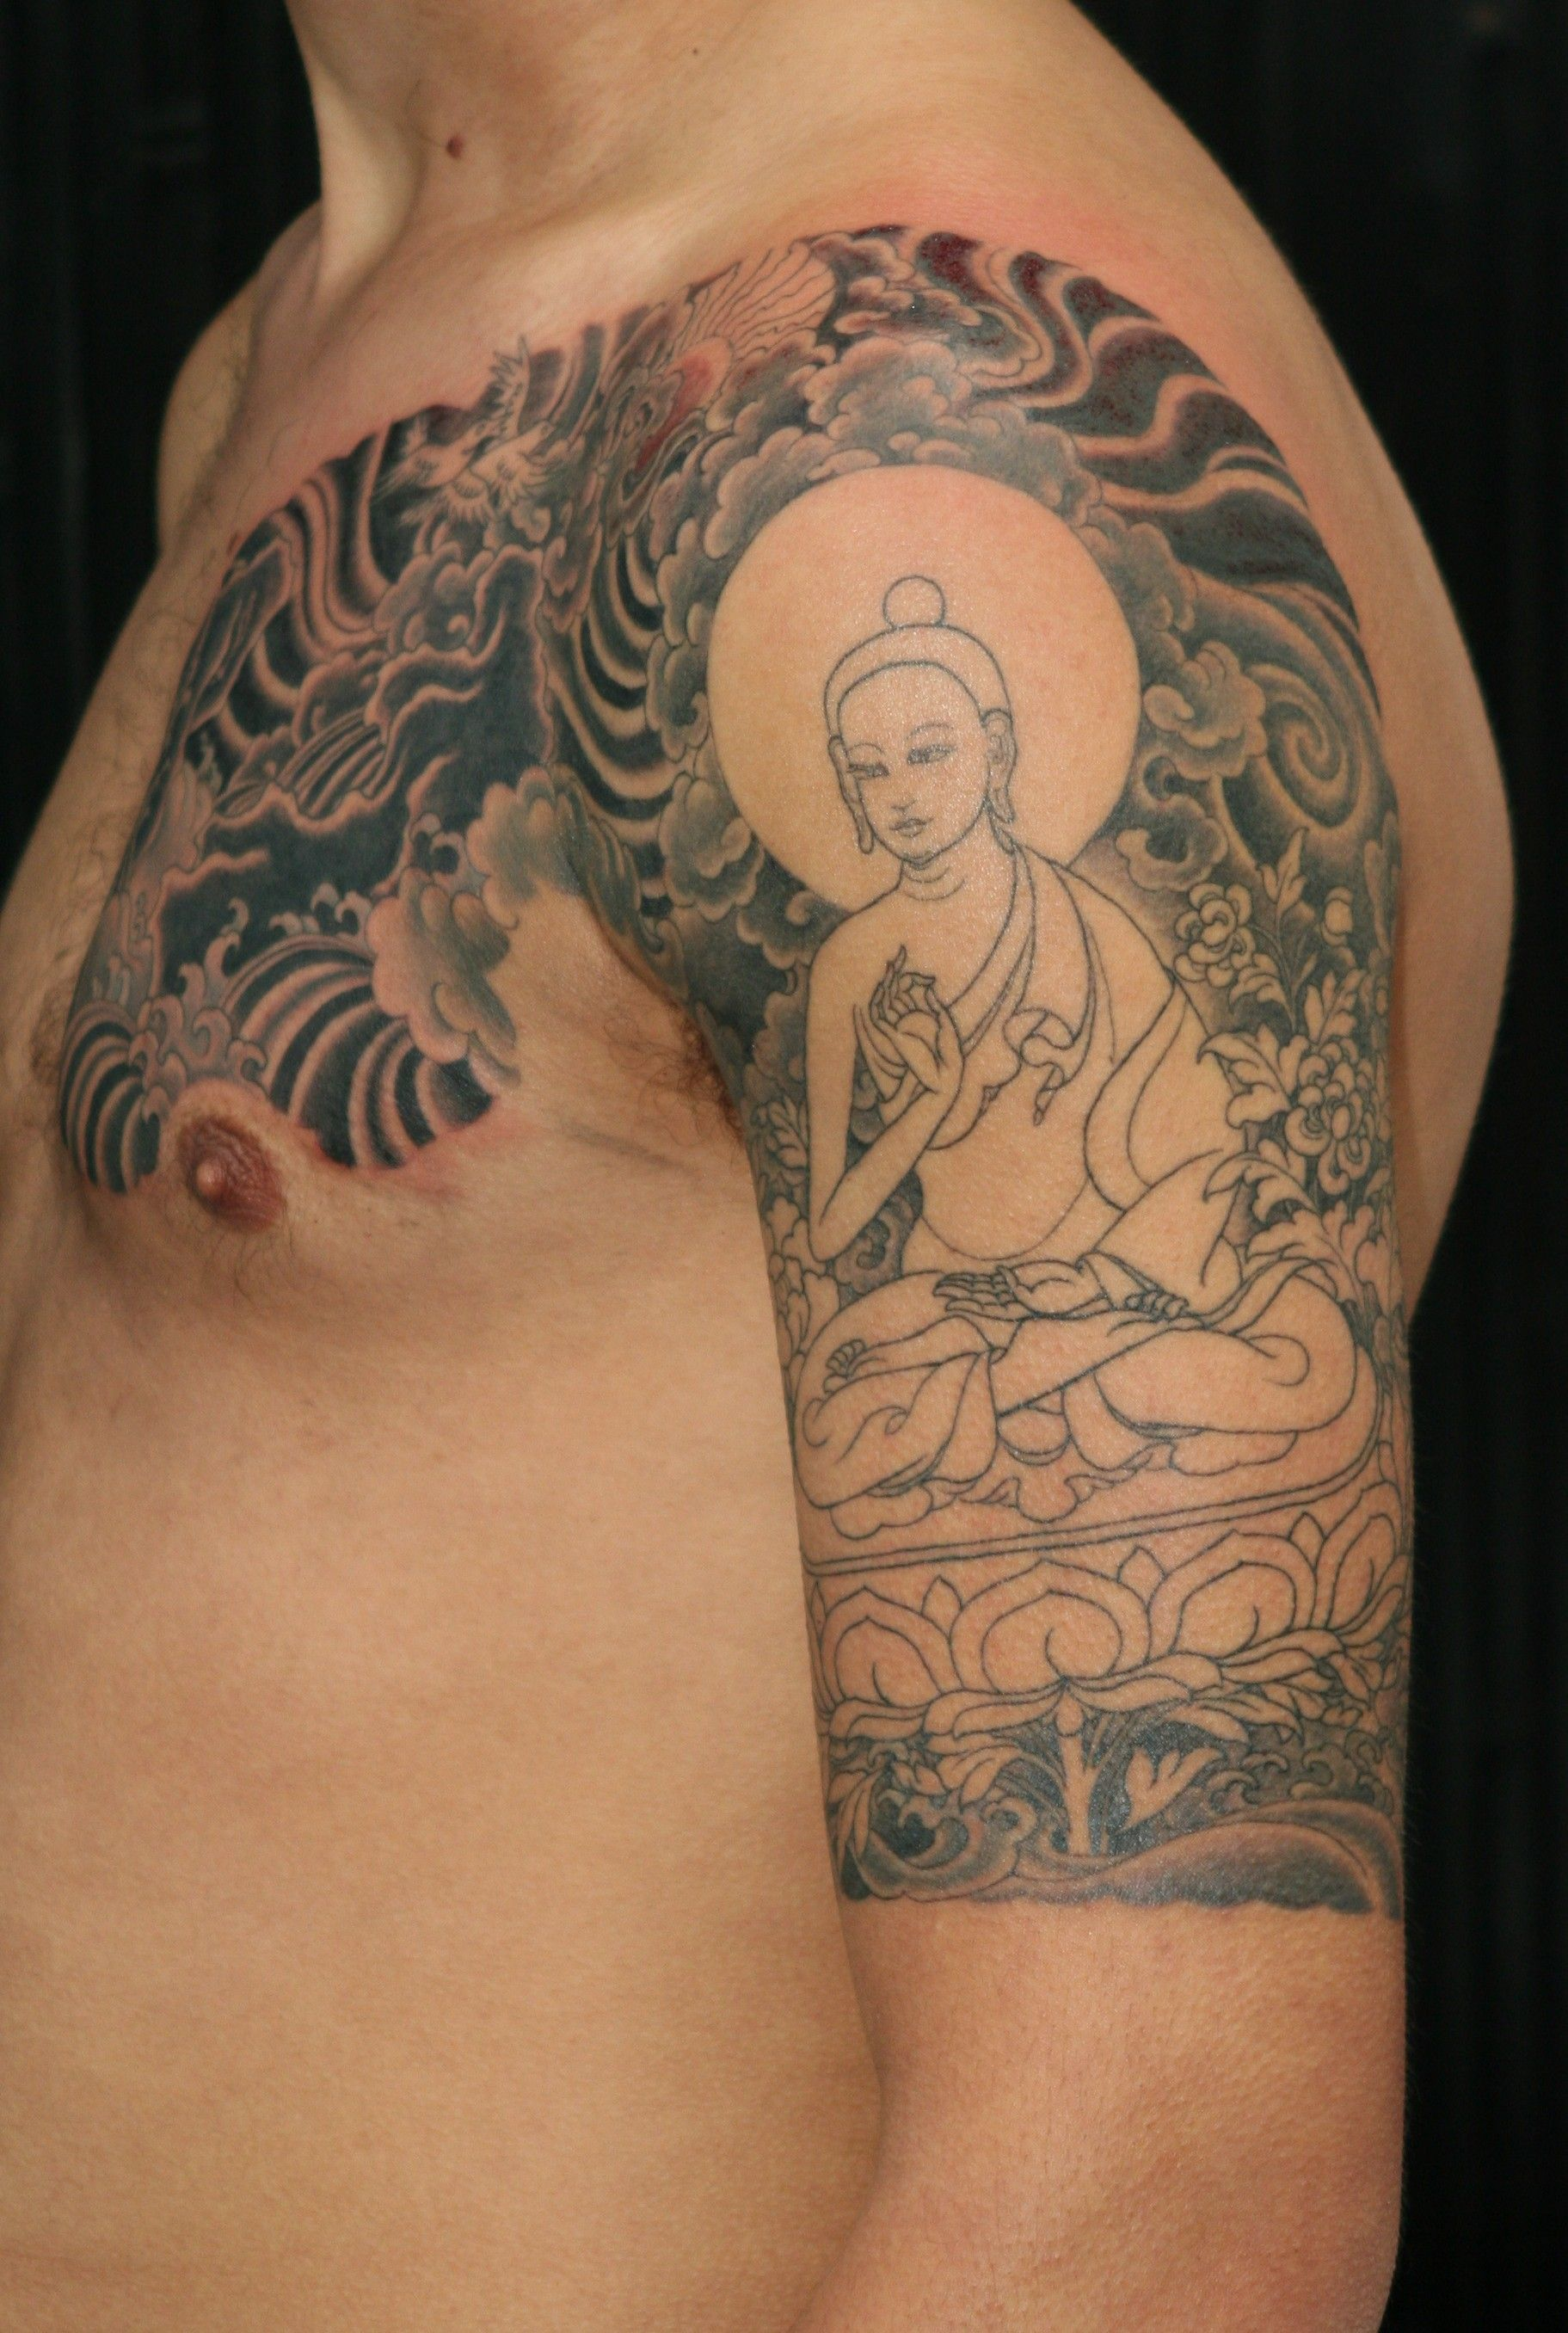 A buddhist symbol tattoo design photo 5 tattoo art pinterest a buddhist symbol tattoo design photo 5 biocorpaavc Images